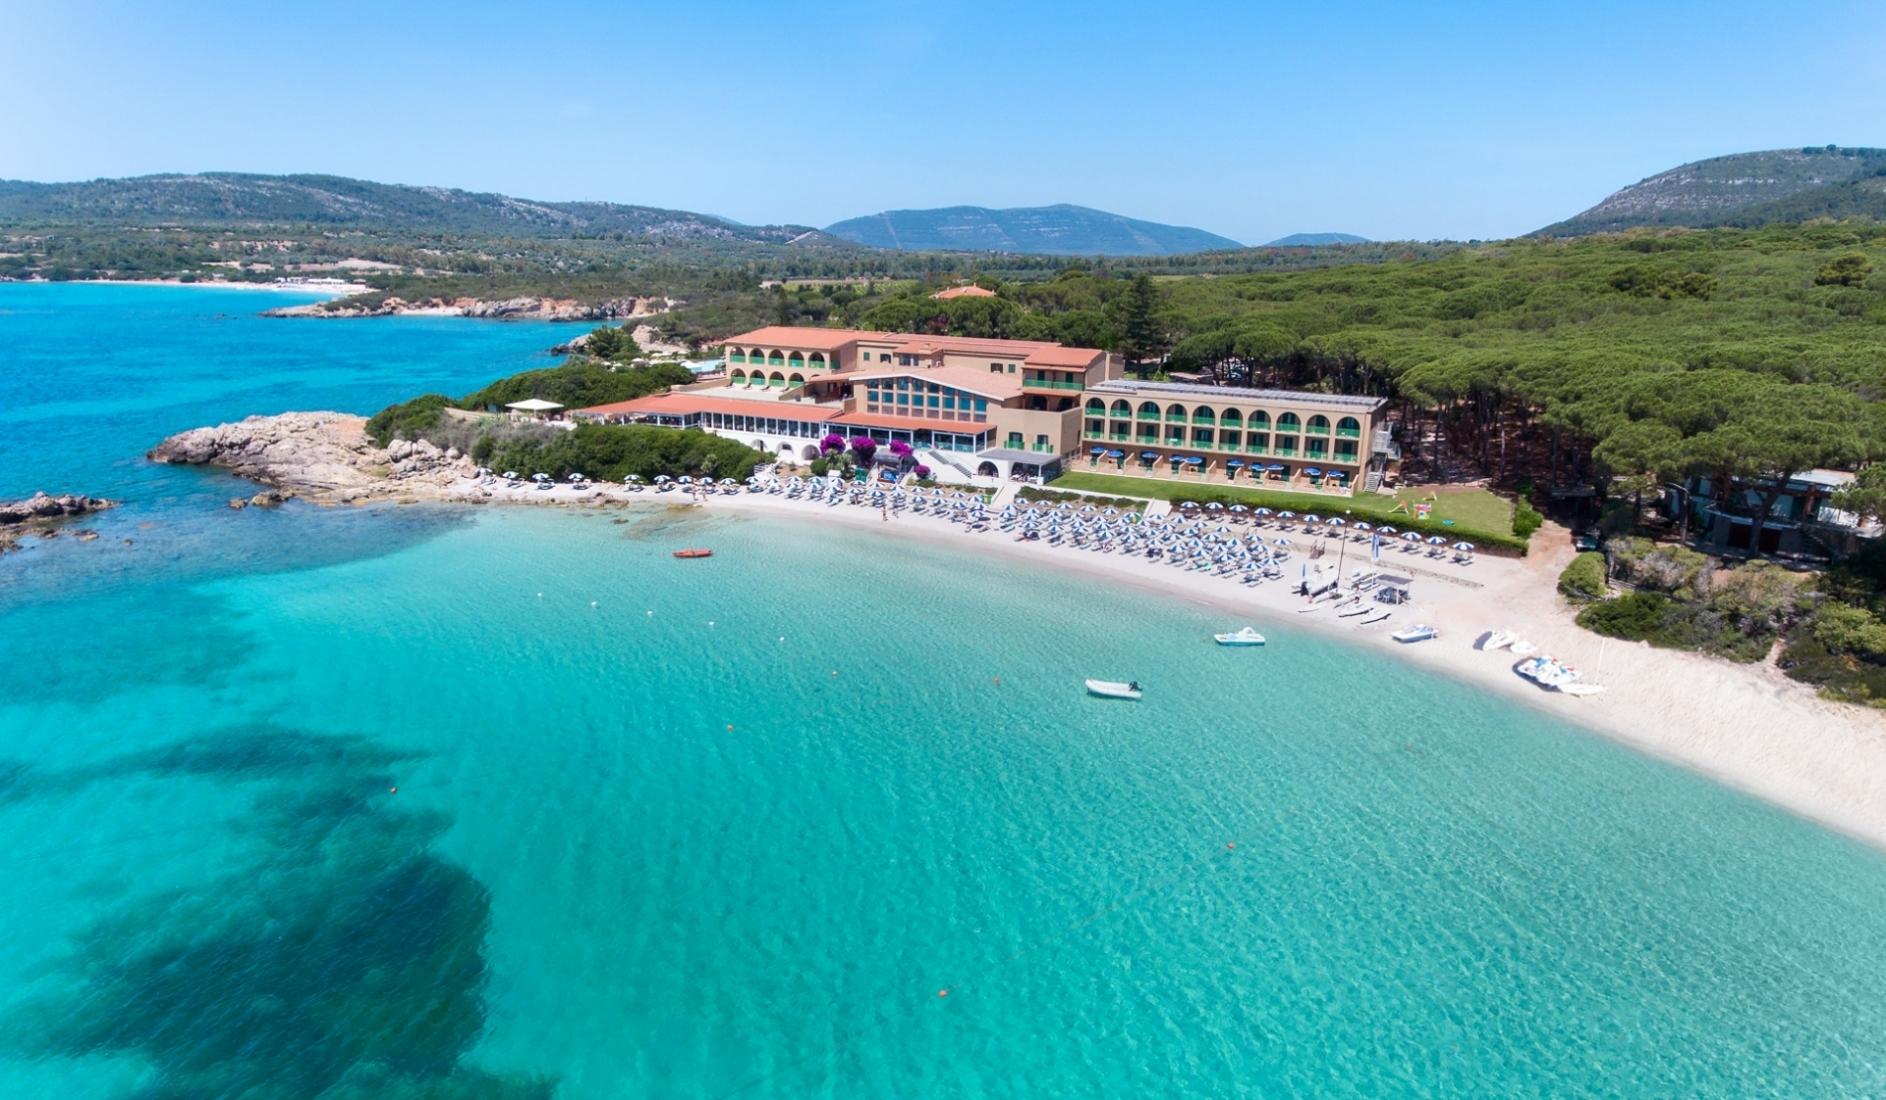 Matrimonio Spiaggia Alghero : Hotel dei pini hotel stelle alghero sardegna sito ufficiale